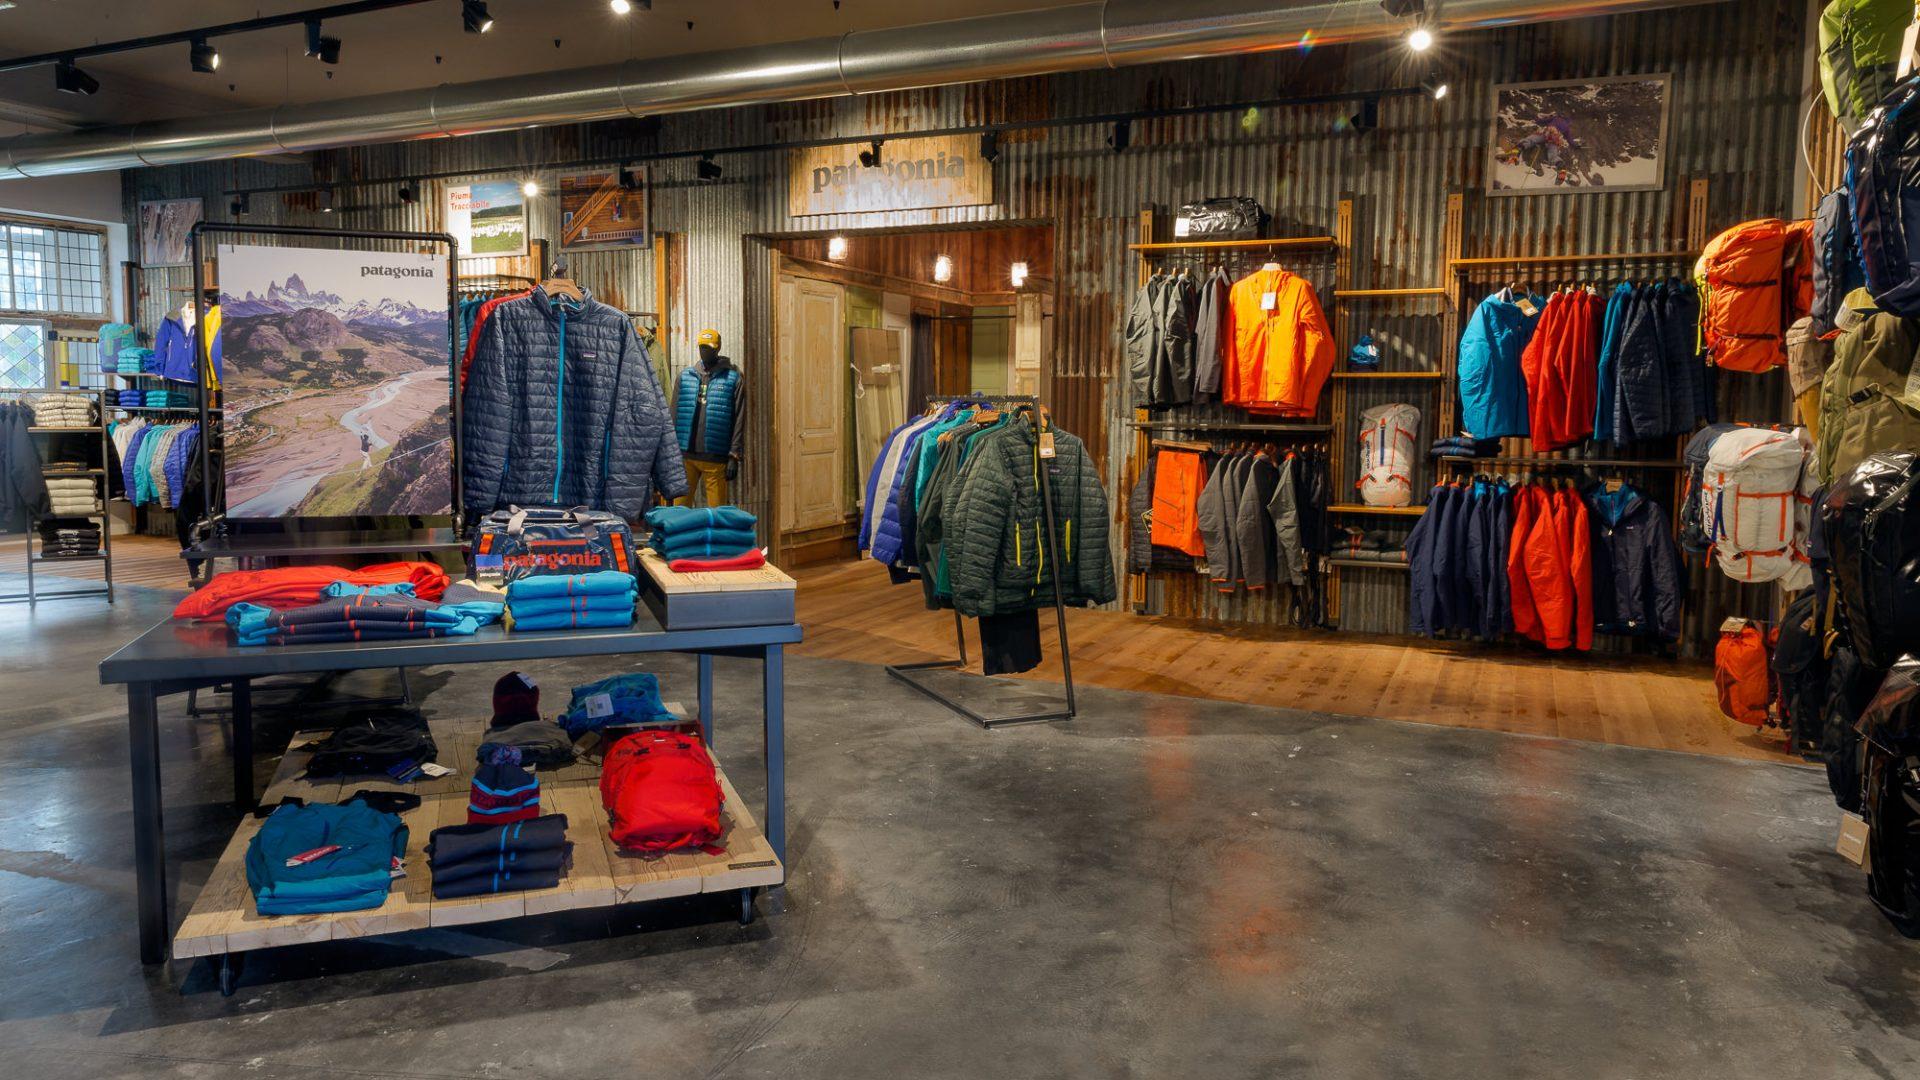 Patagonia inaugura su primera tienda en Lima